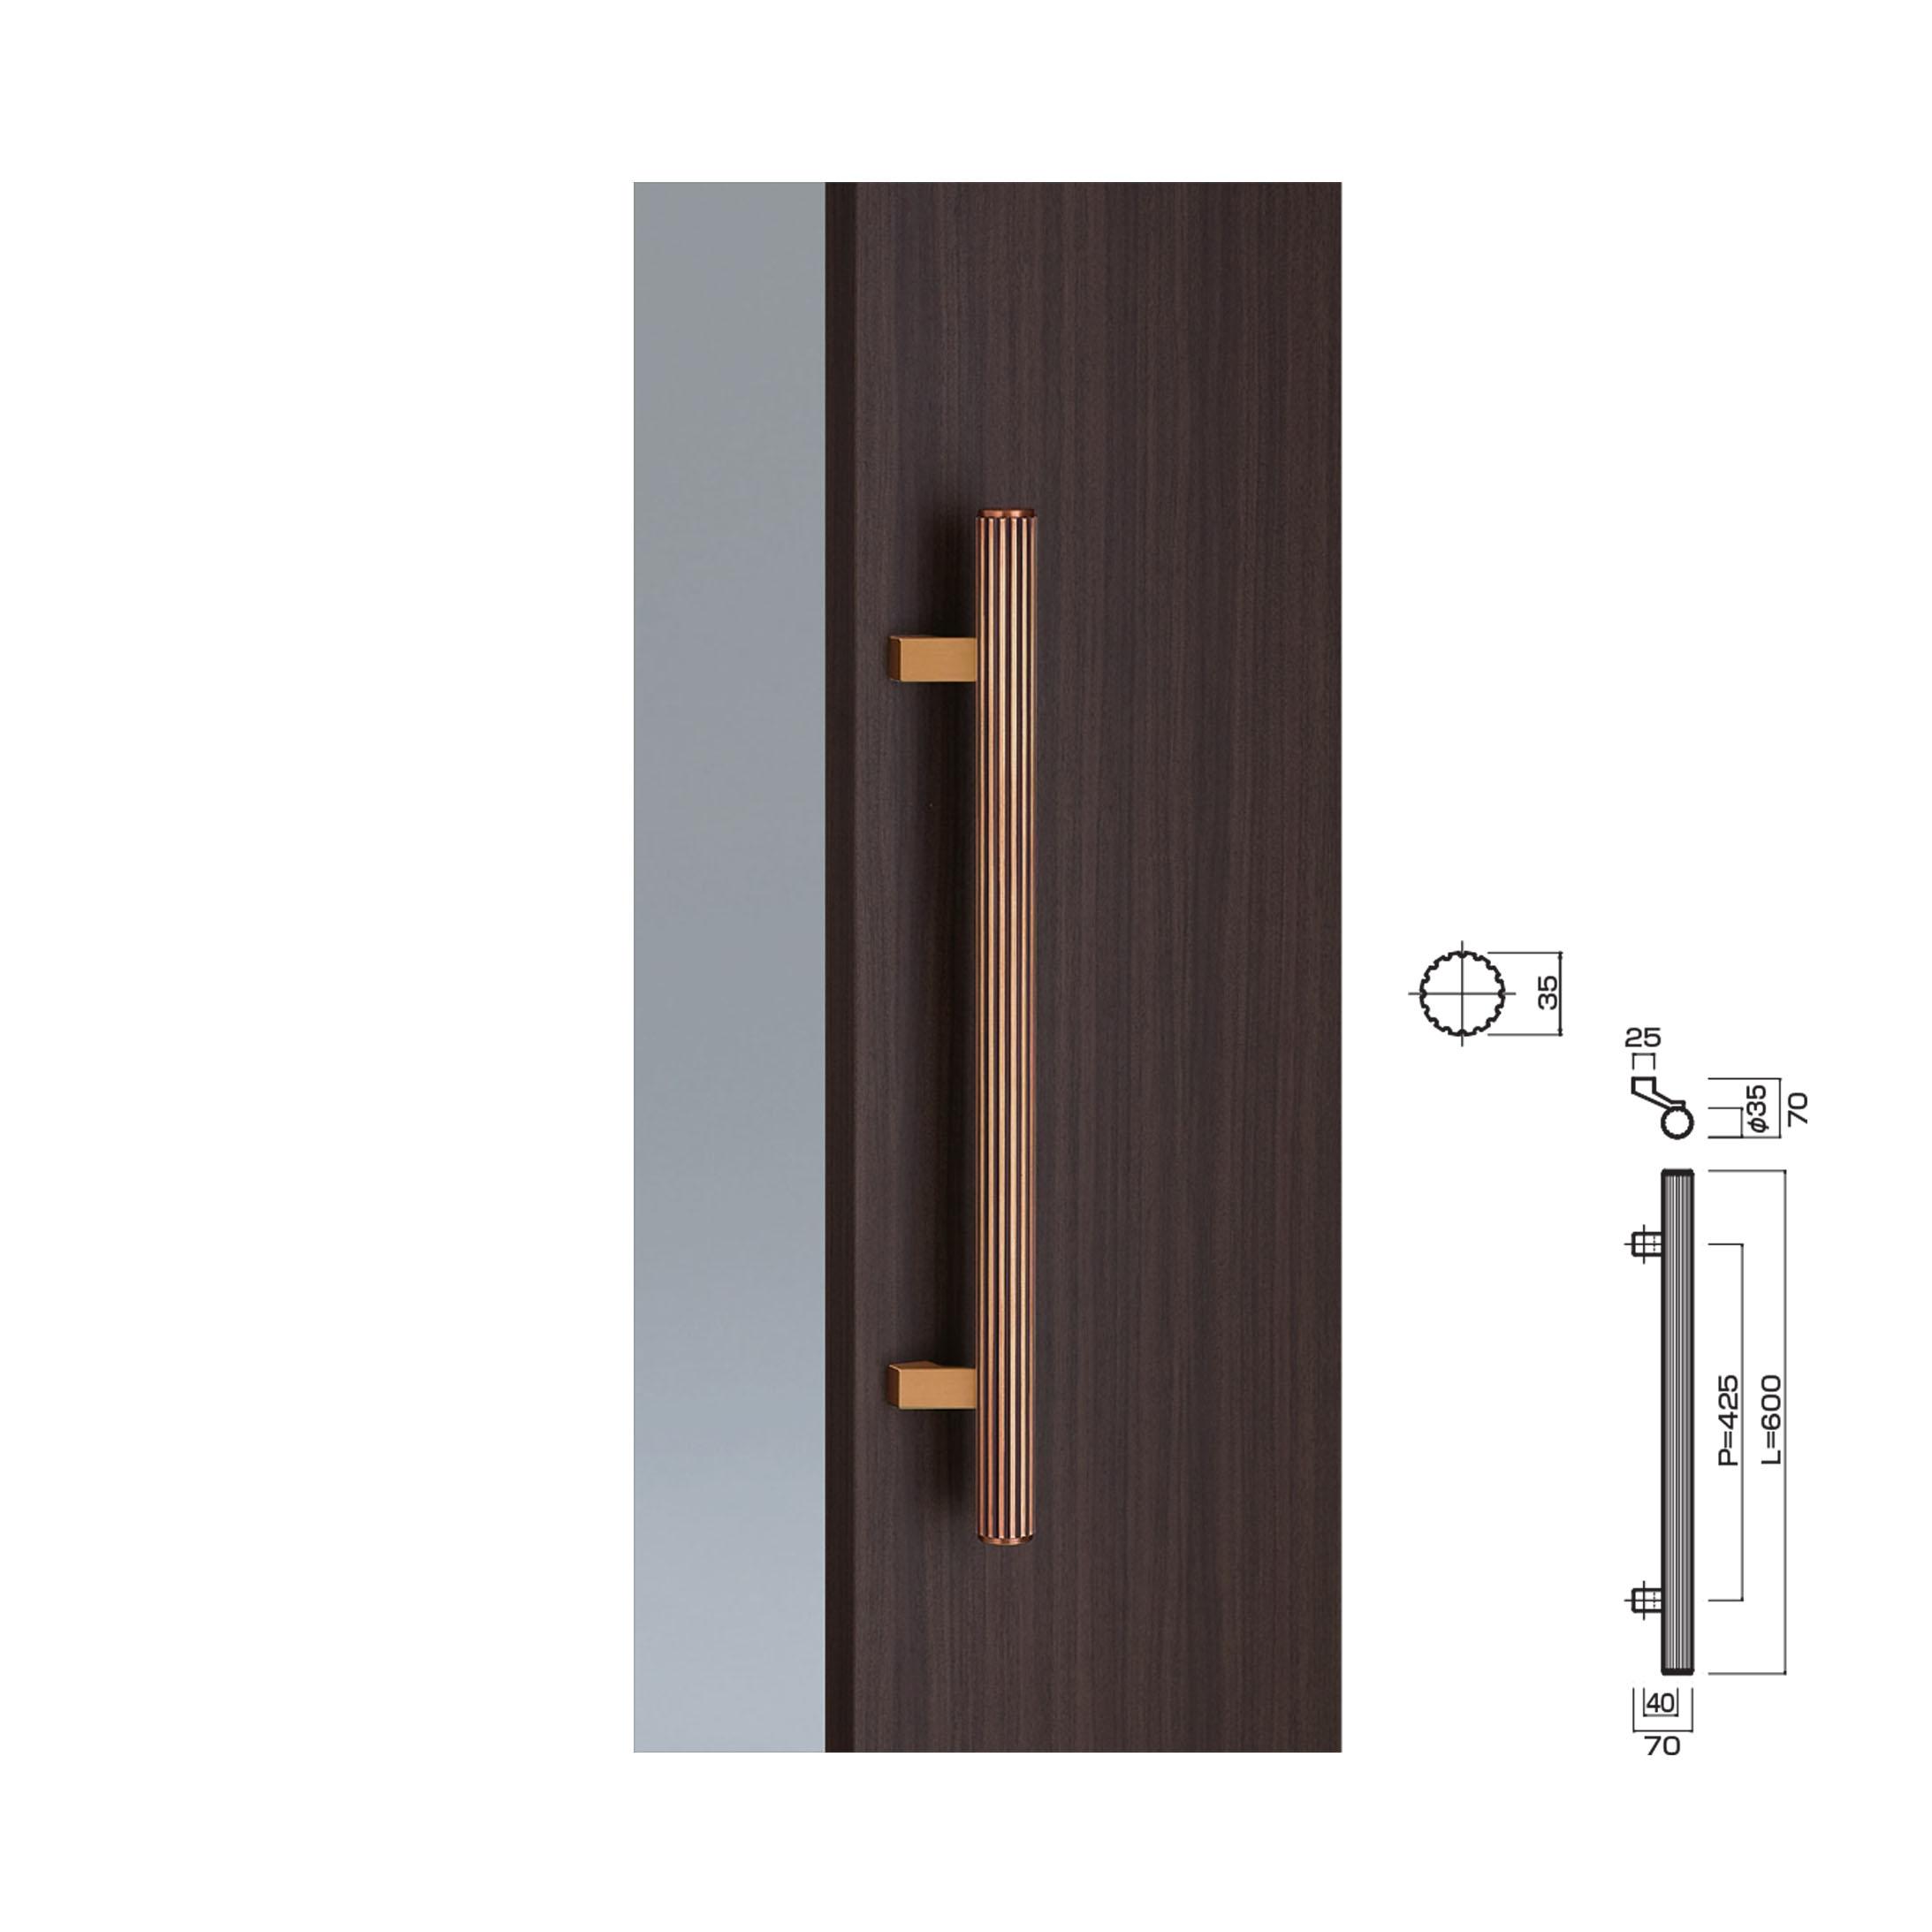 600mm Door Pull Handle Products Kawajun Japanese